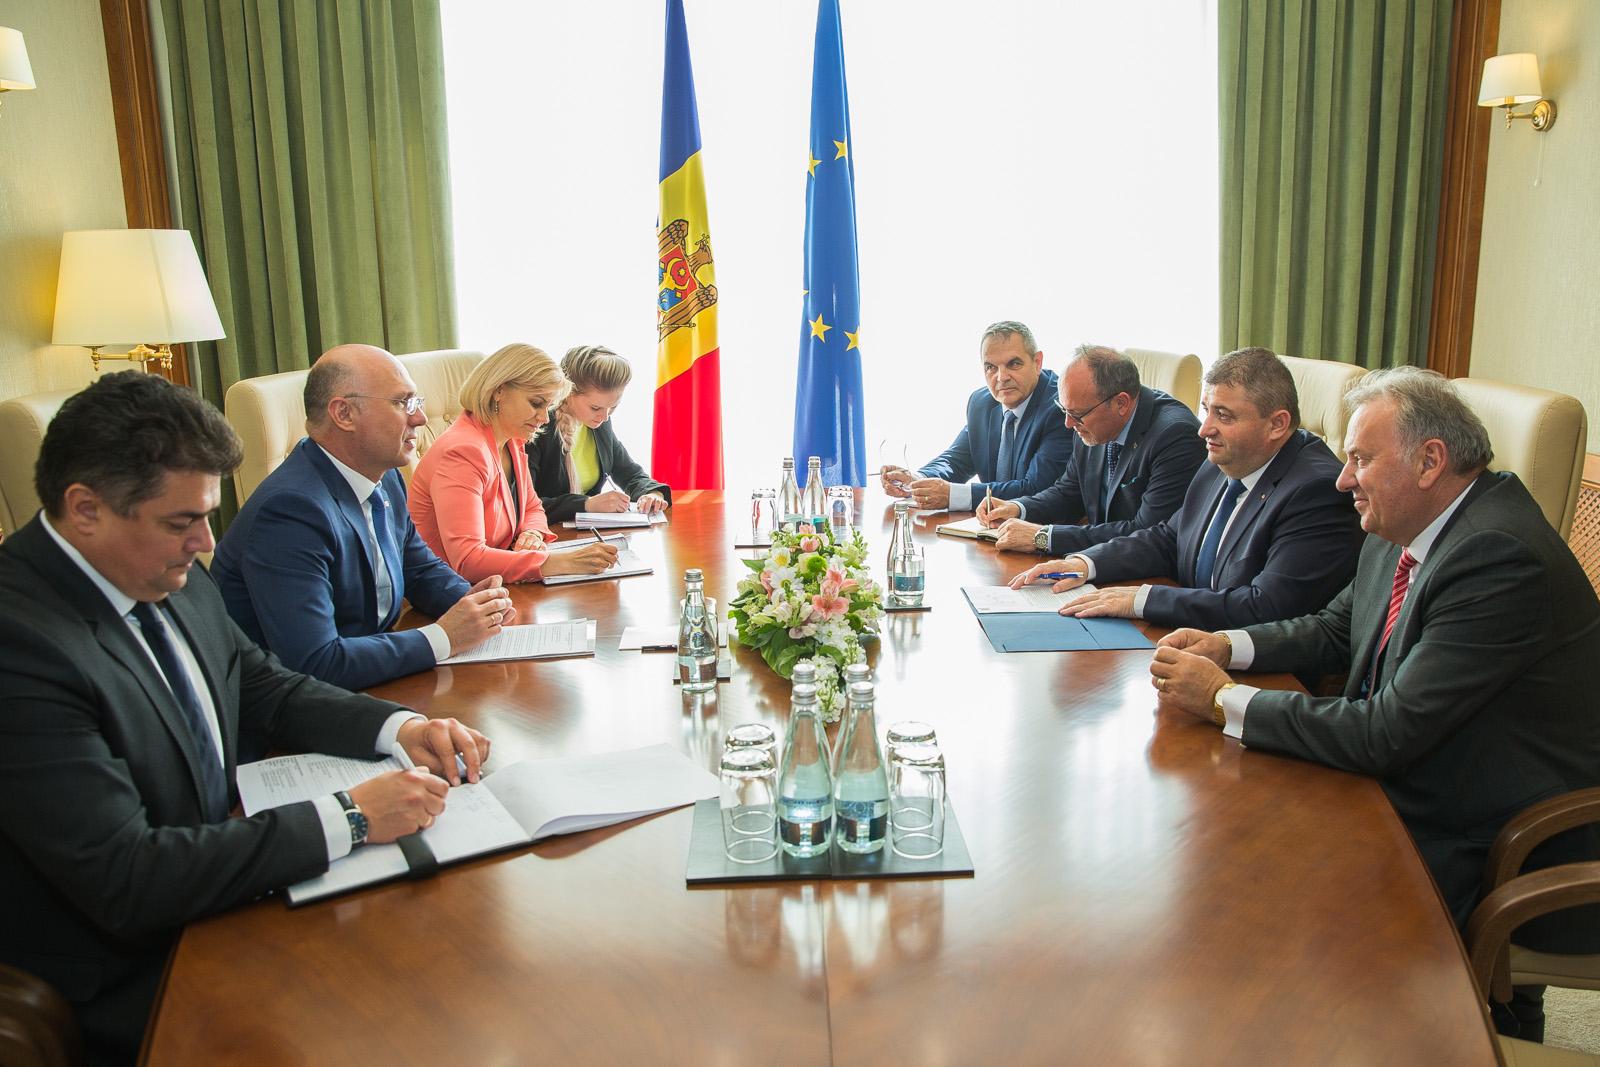 Eliminarea tarifelor la roaming între RM – România, discutată de premierul Pavel Filip și ministrul Economiei al României